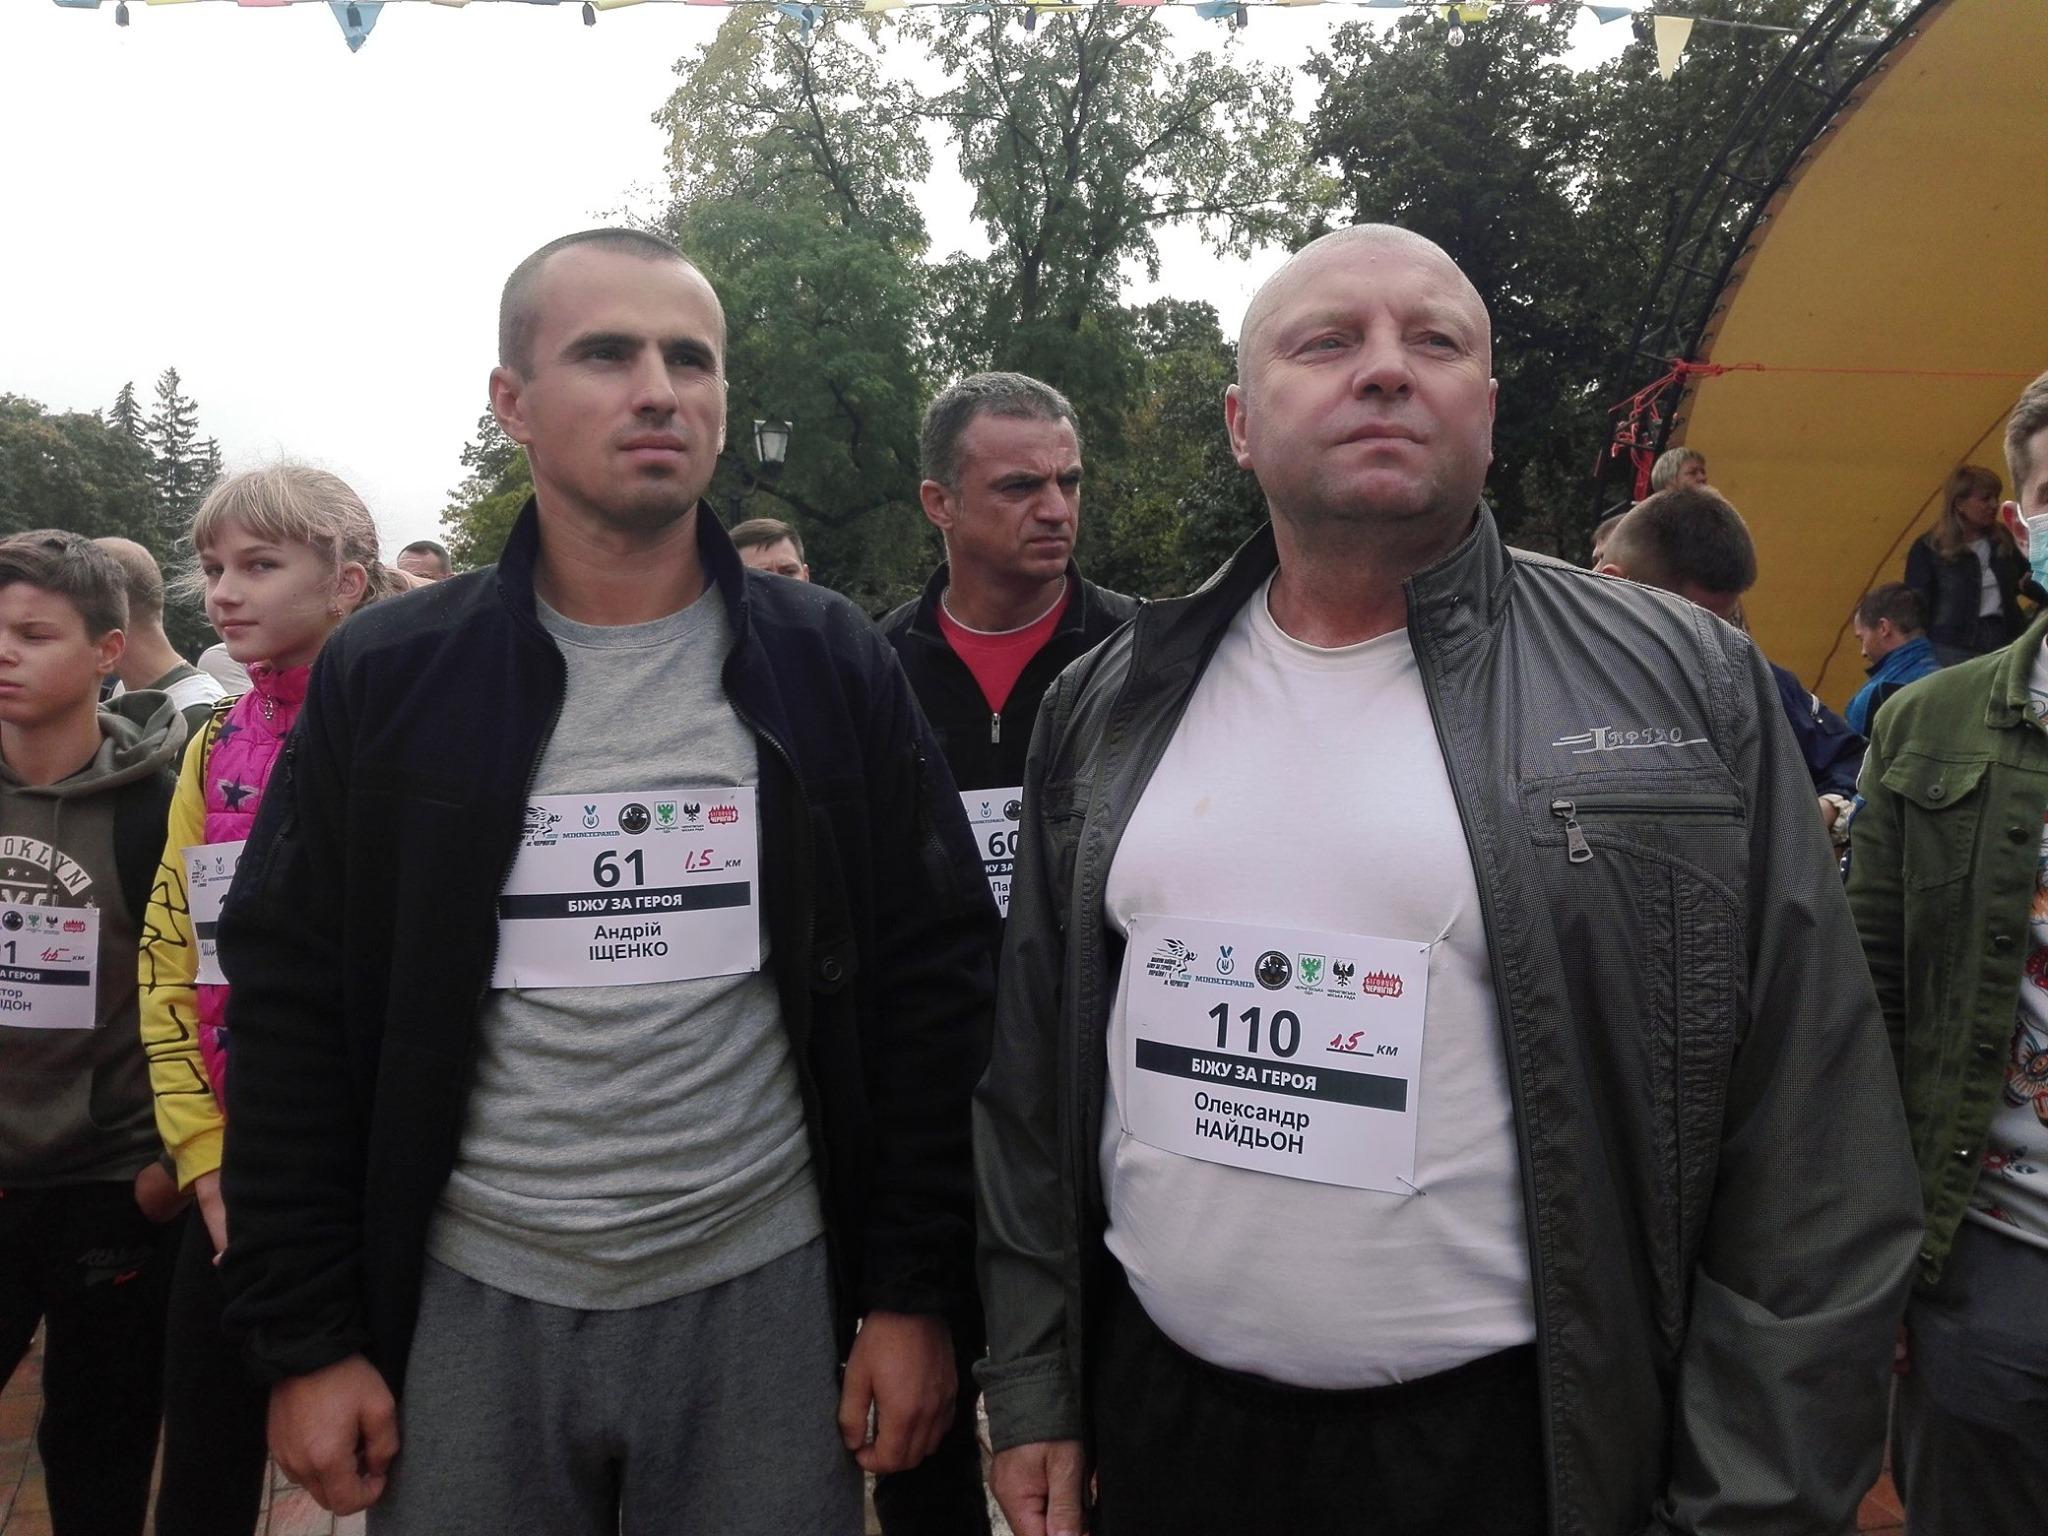 У Чернігові пройшов забіг на честь загиблих героїв (Фото)